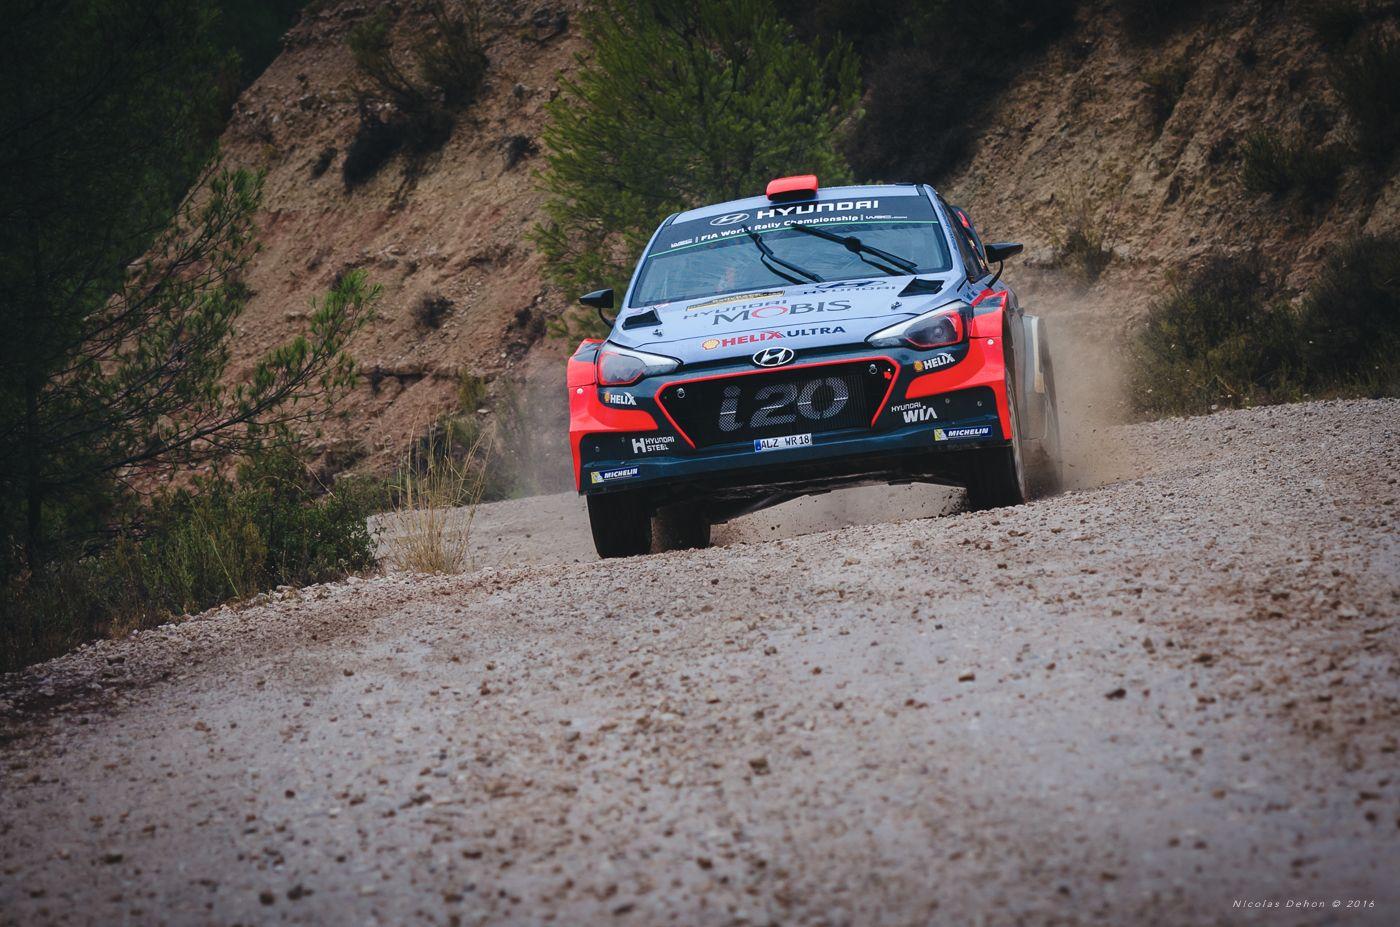 HYUNDAI i20 WRC Racc Espagne 2016